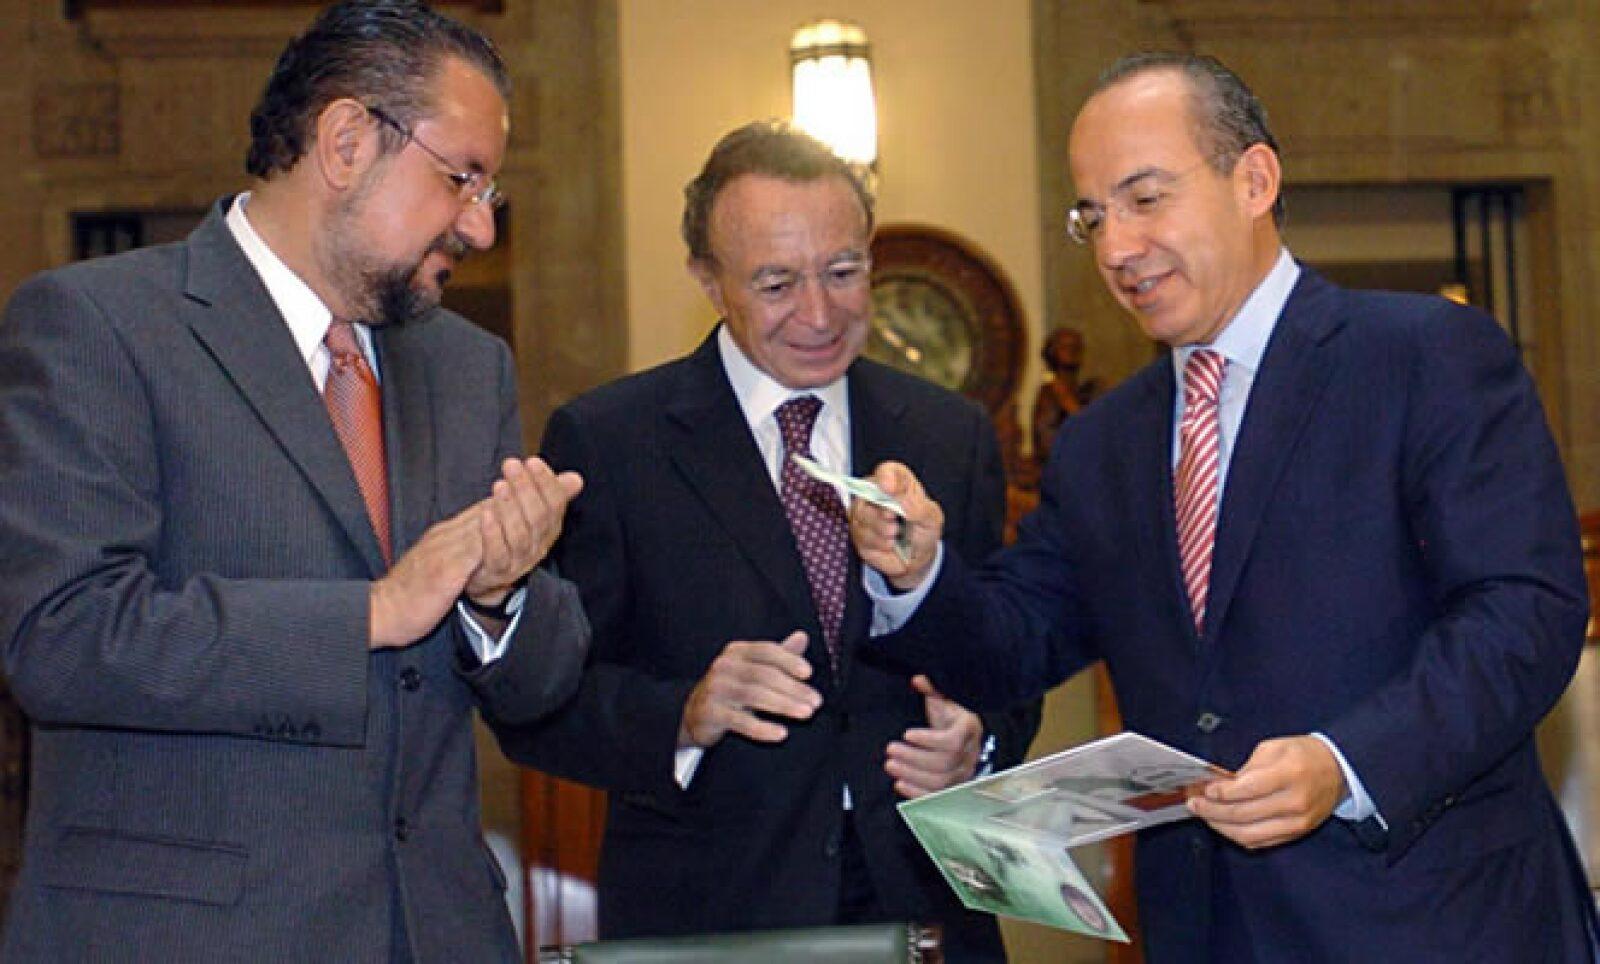 El miércoles, Calderón presentó los billetes conmemorativos del Centenario de la Revolución y Bicentenario de la Independencia. Con él, José Manuel Villalpando, el encargado nacional de los festejos, y el gobernador de Banxico Guillermo Ortiz.